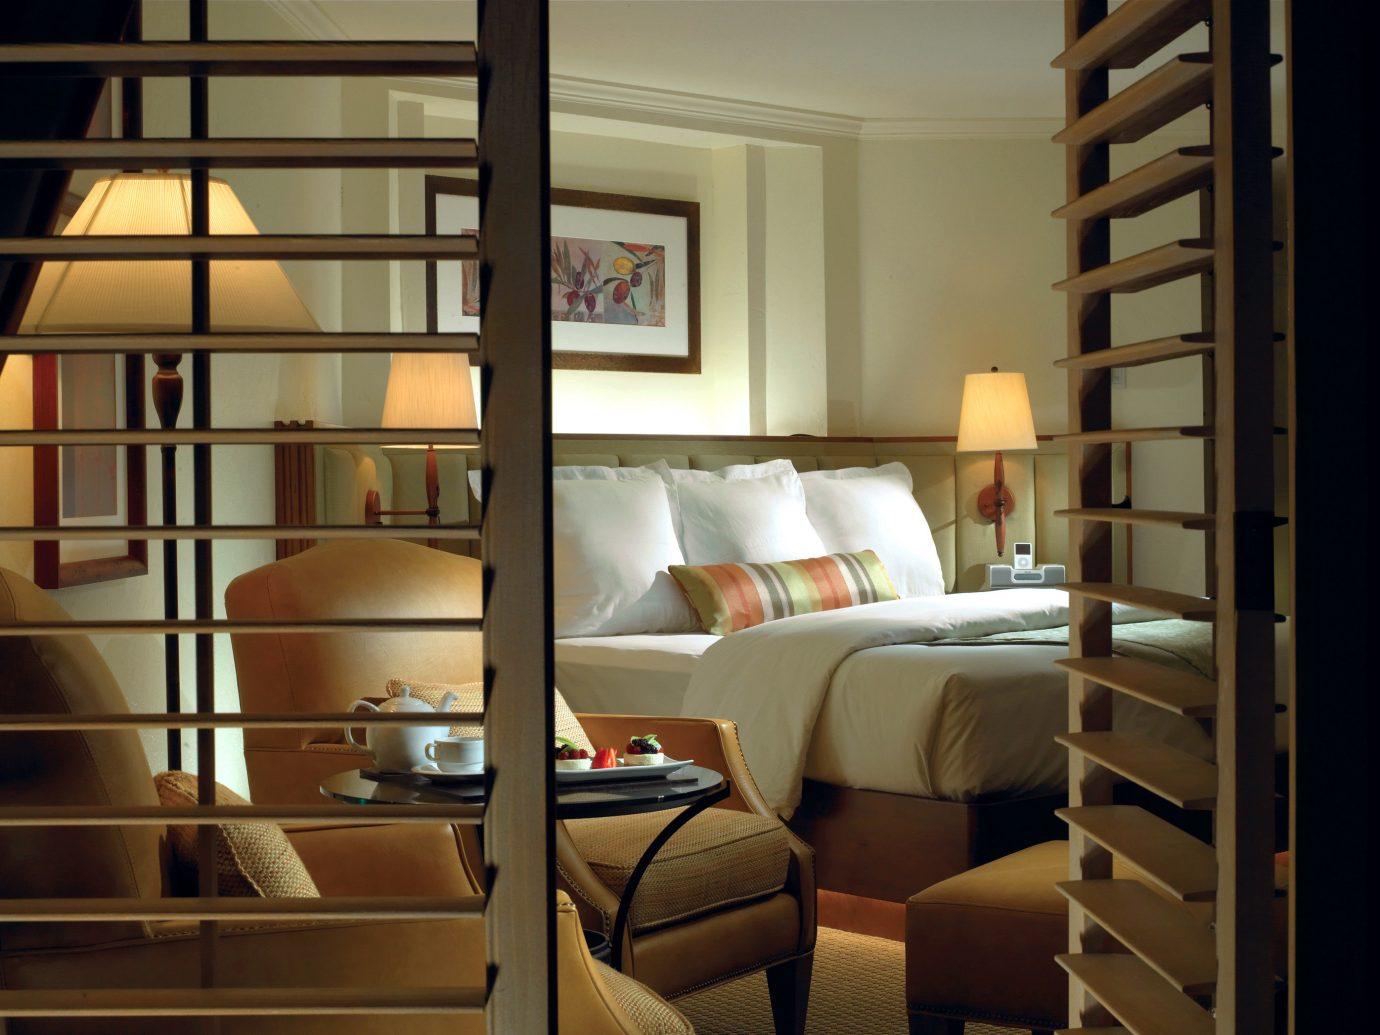 Bedroom At Rancho Bernardo Inn - San Diego, Ca - Resort